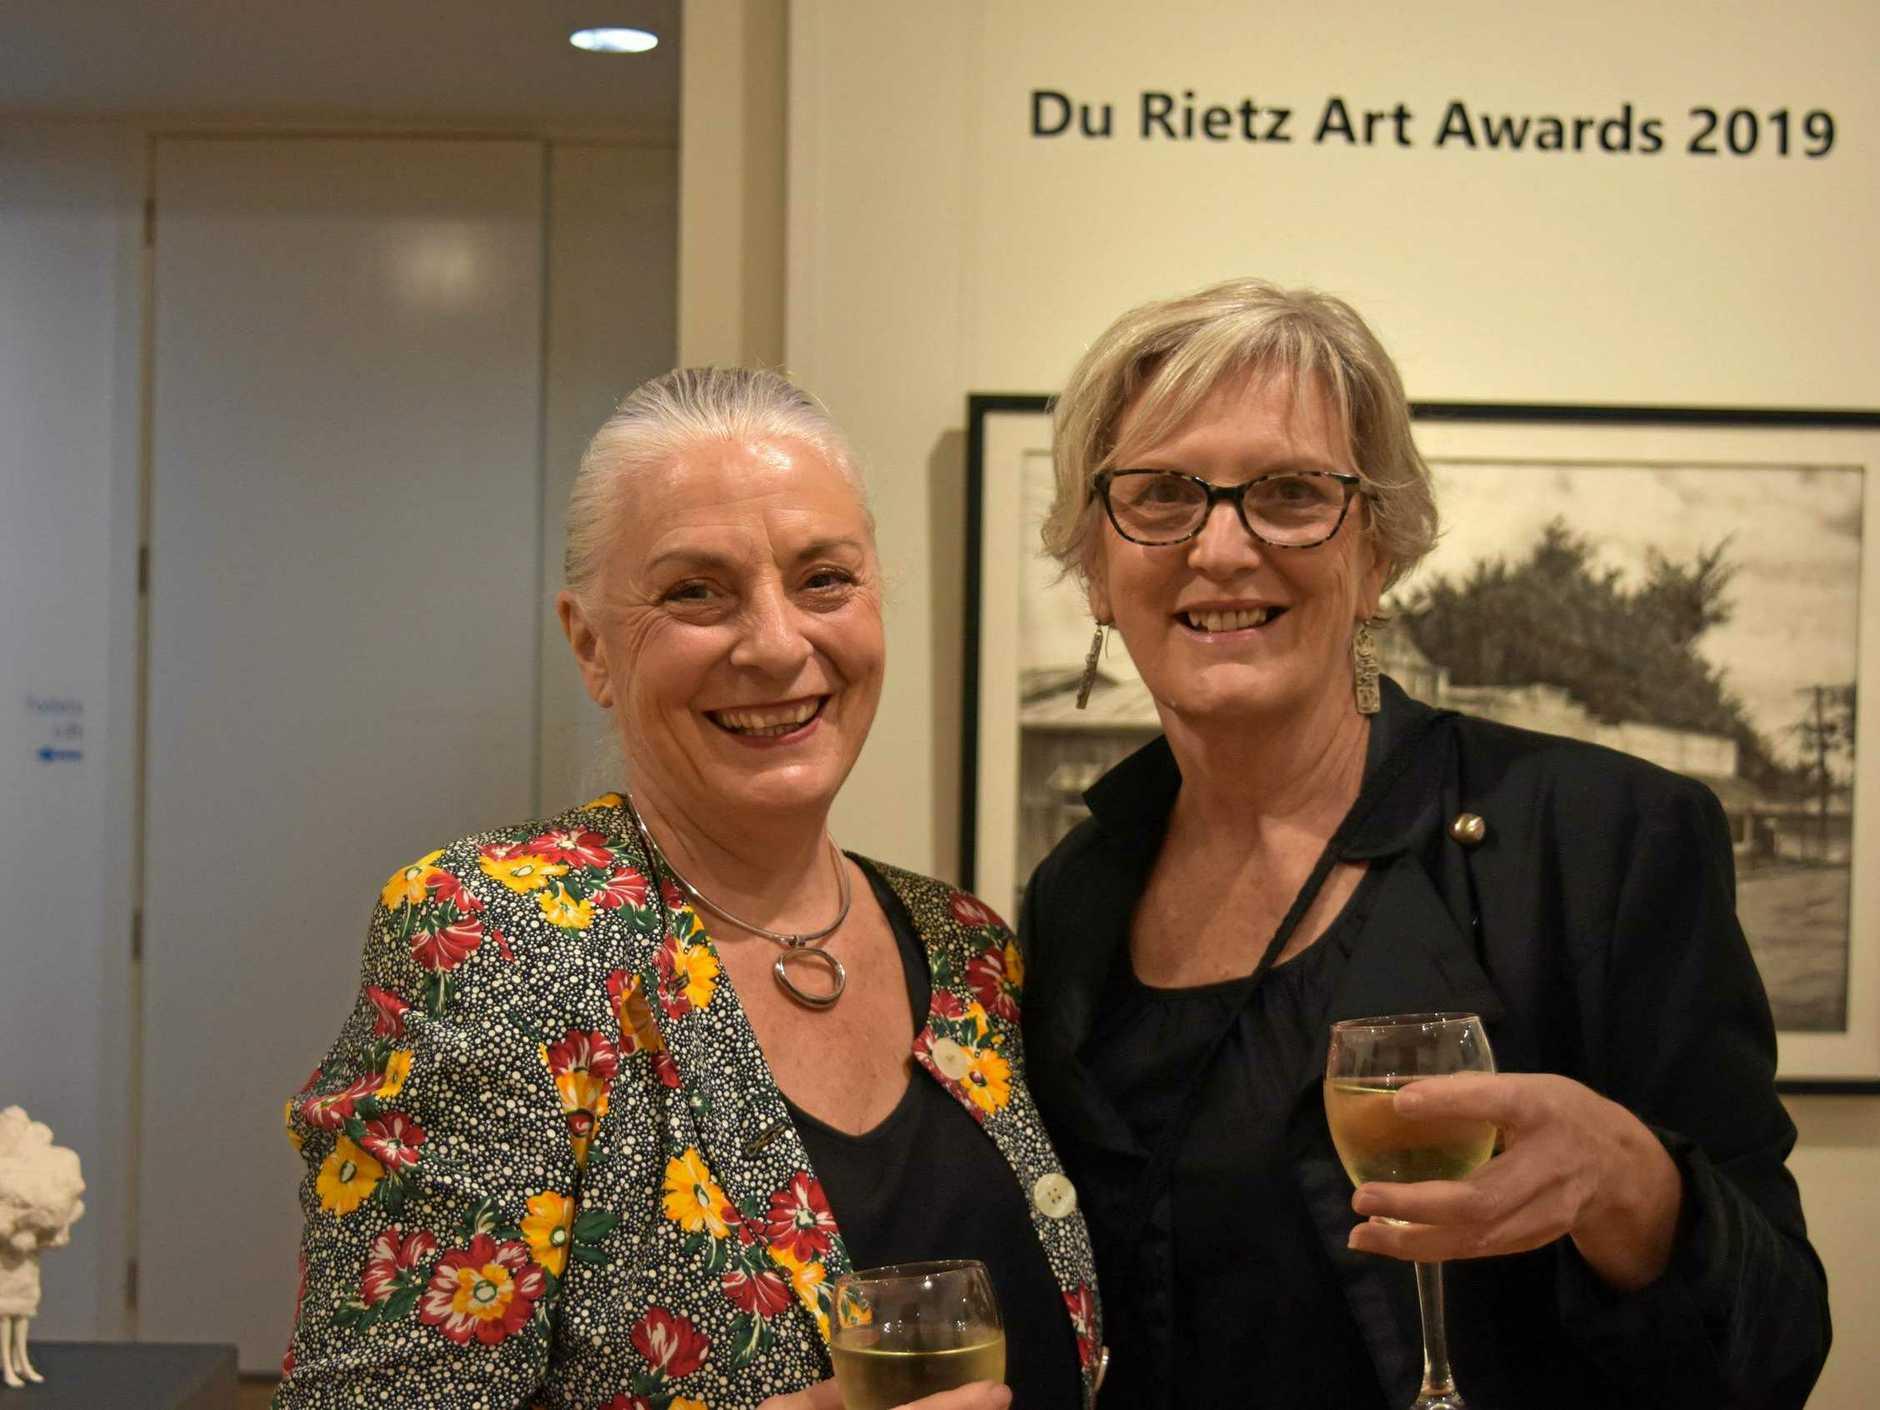 Du Rietz Art Awards Official Opening, Wednesday July 24, 6pm. Sherida Keenan and Kym Barrett.